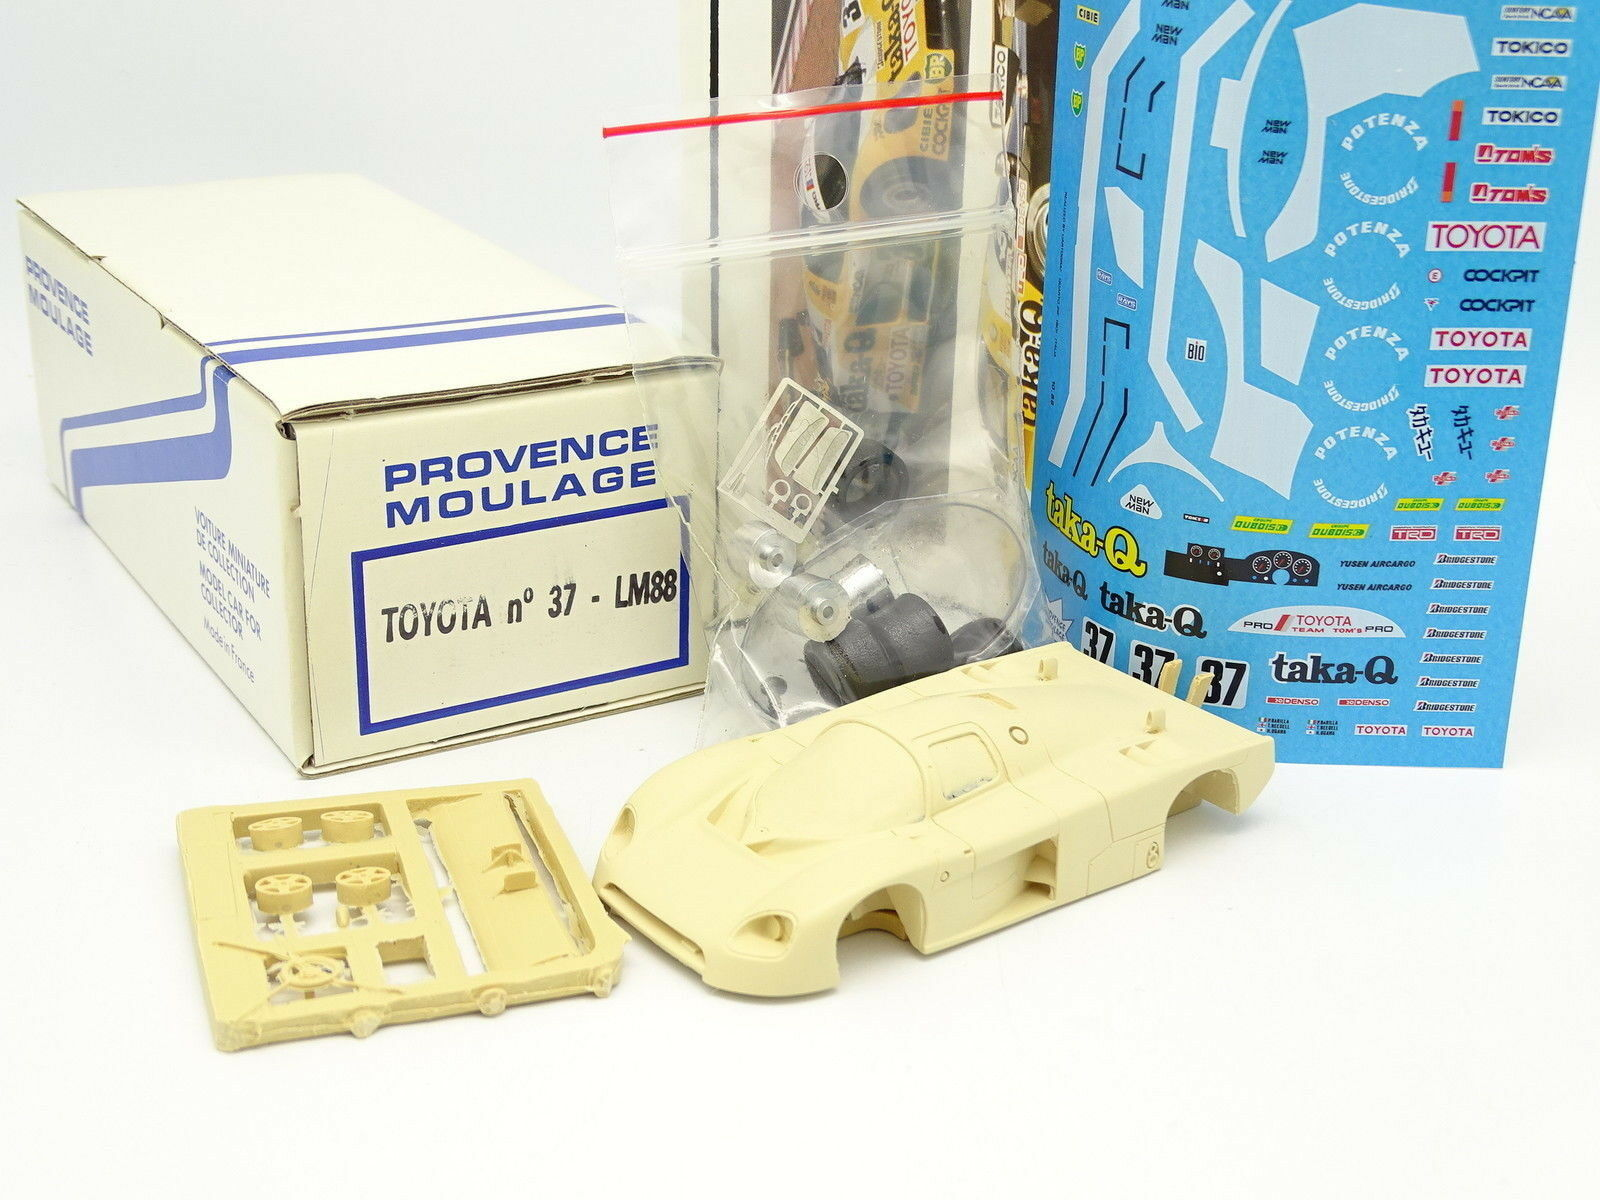 Provence Moulage Kit à Monter 1/43 - Toyota 87C Le Femmes 1988 N°37 | Pas Chers  | Dernière Arrivée  | Vogue  | 2019